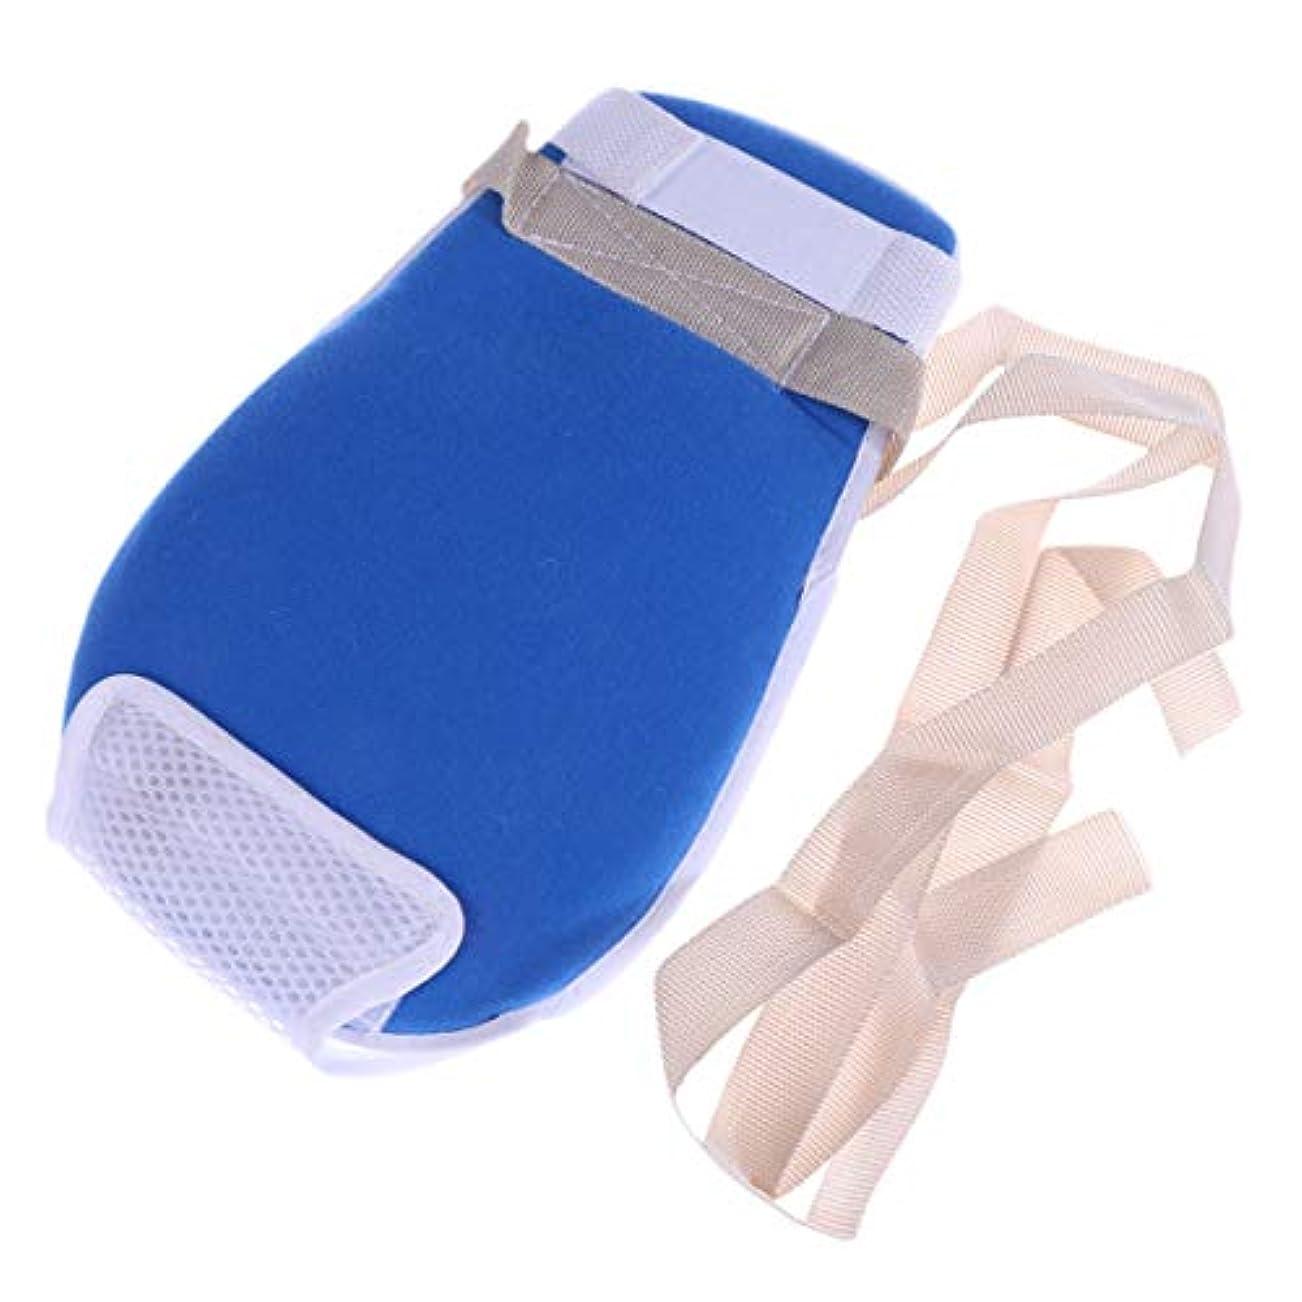 内部穀物南西Healifty 制御手袋耐スクラッチ保護手袋(青)